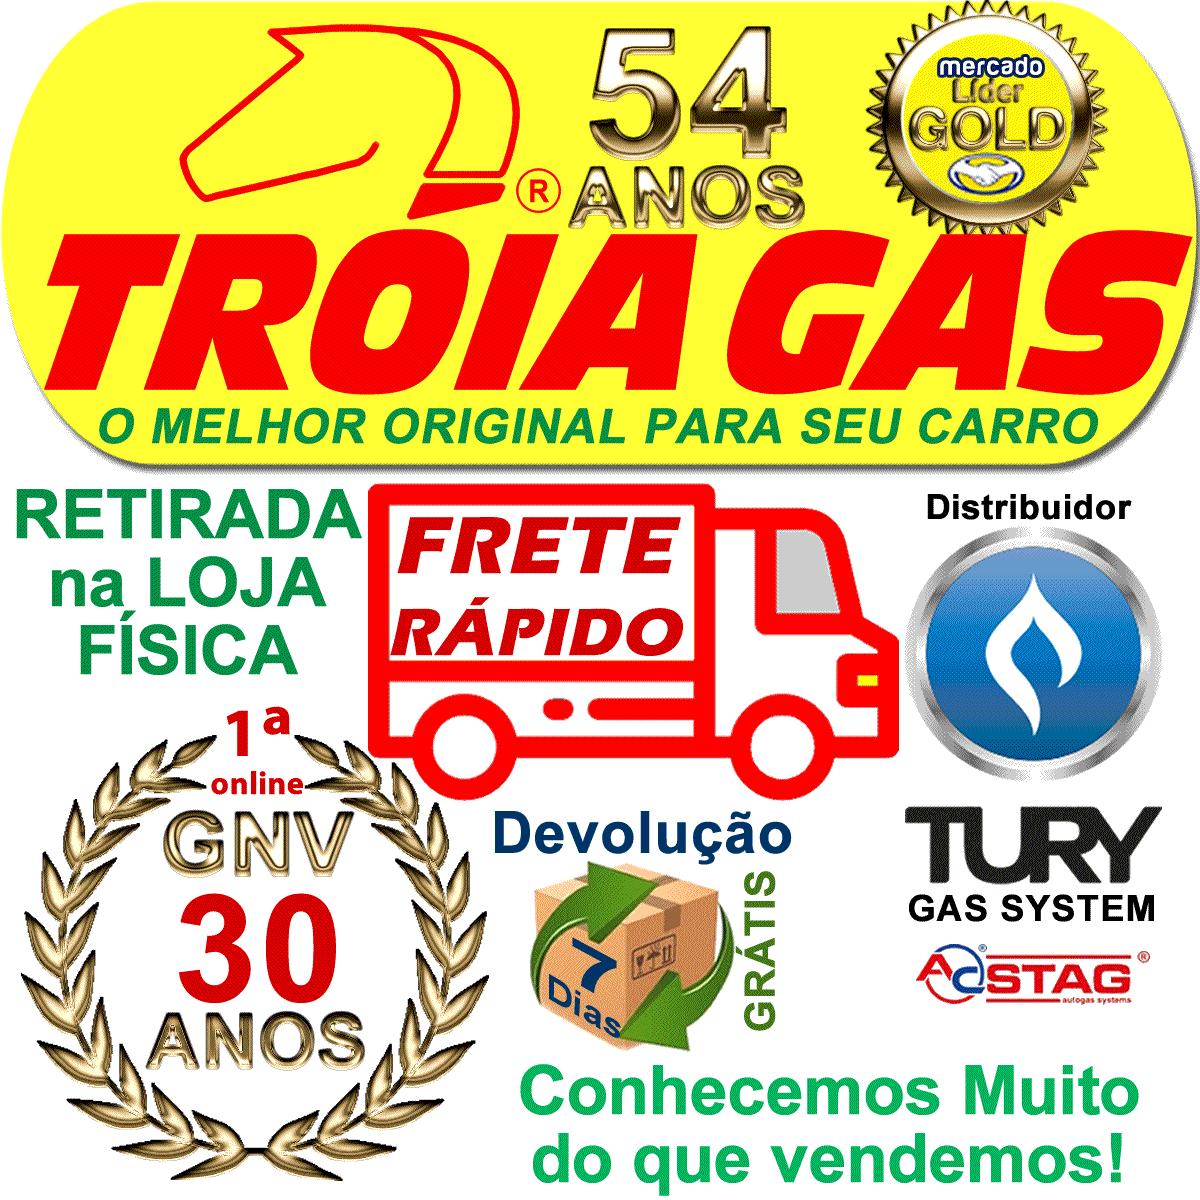 Kit Eletrônicos GNV Tury E Válvulas ITA T1000 T54 T634 T30